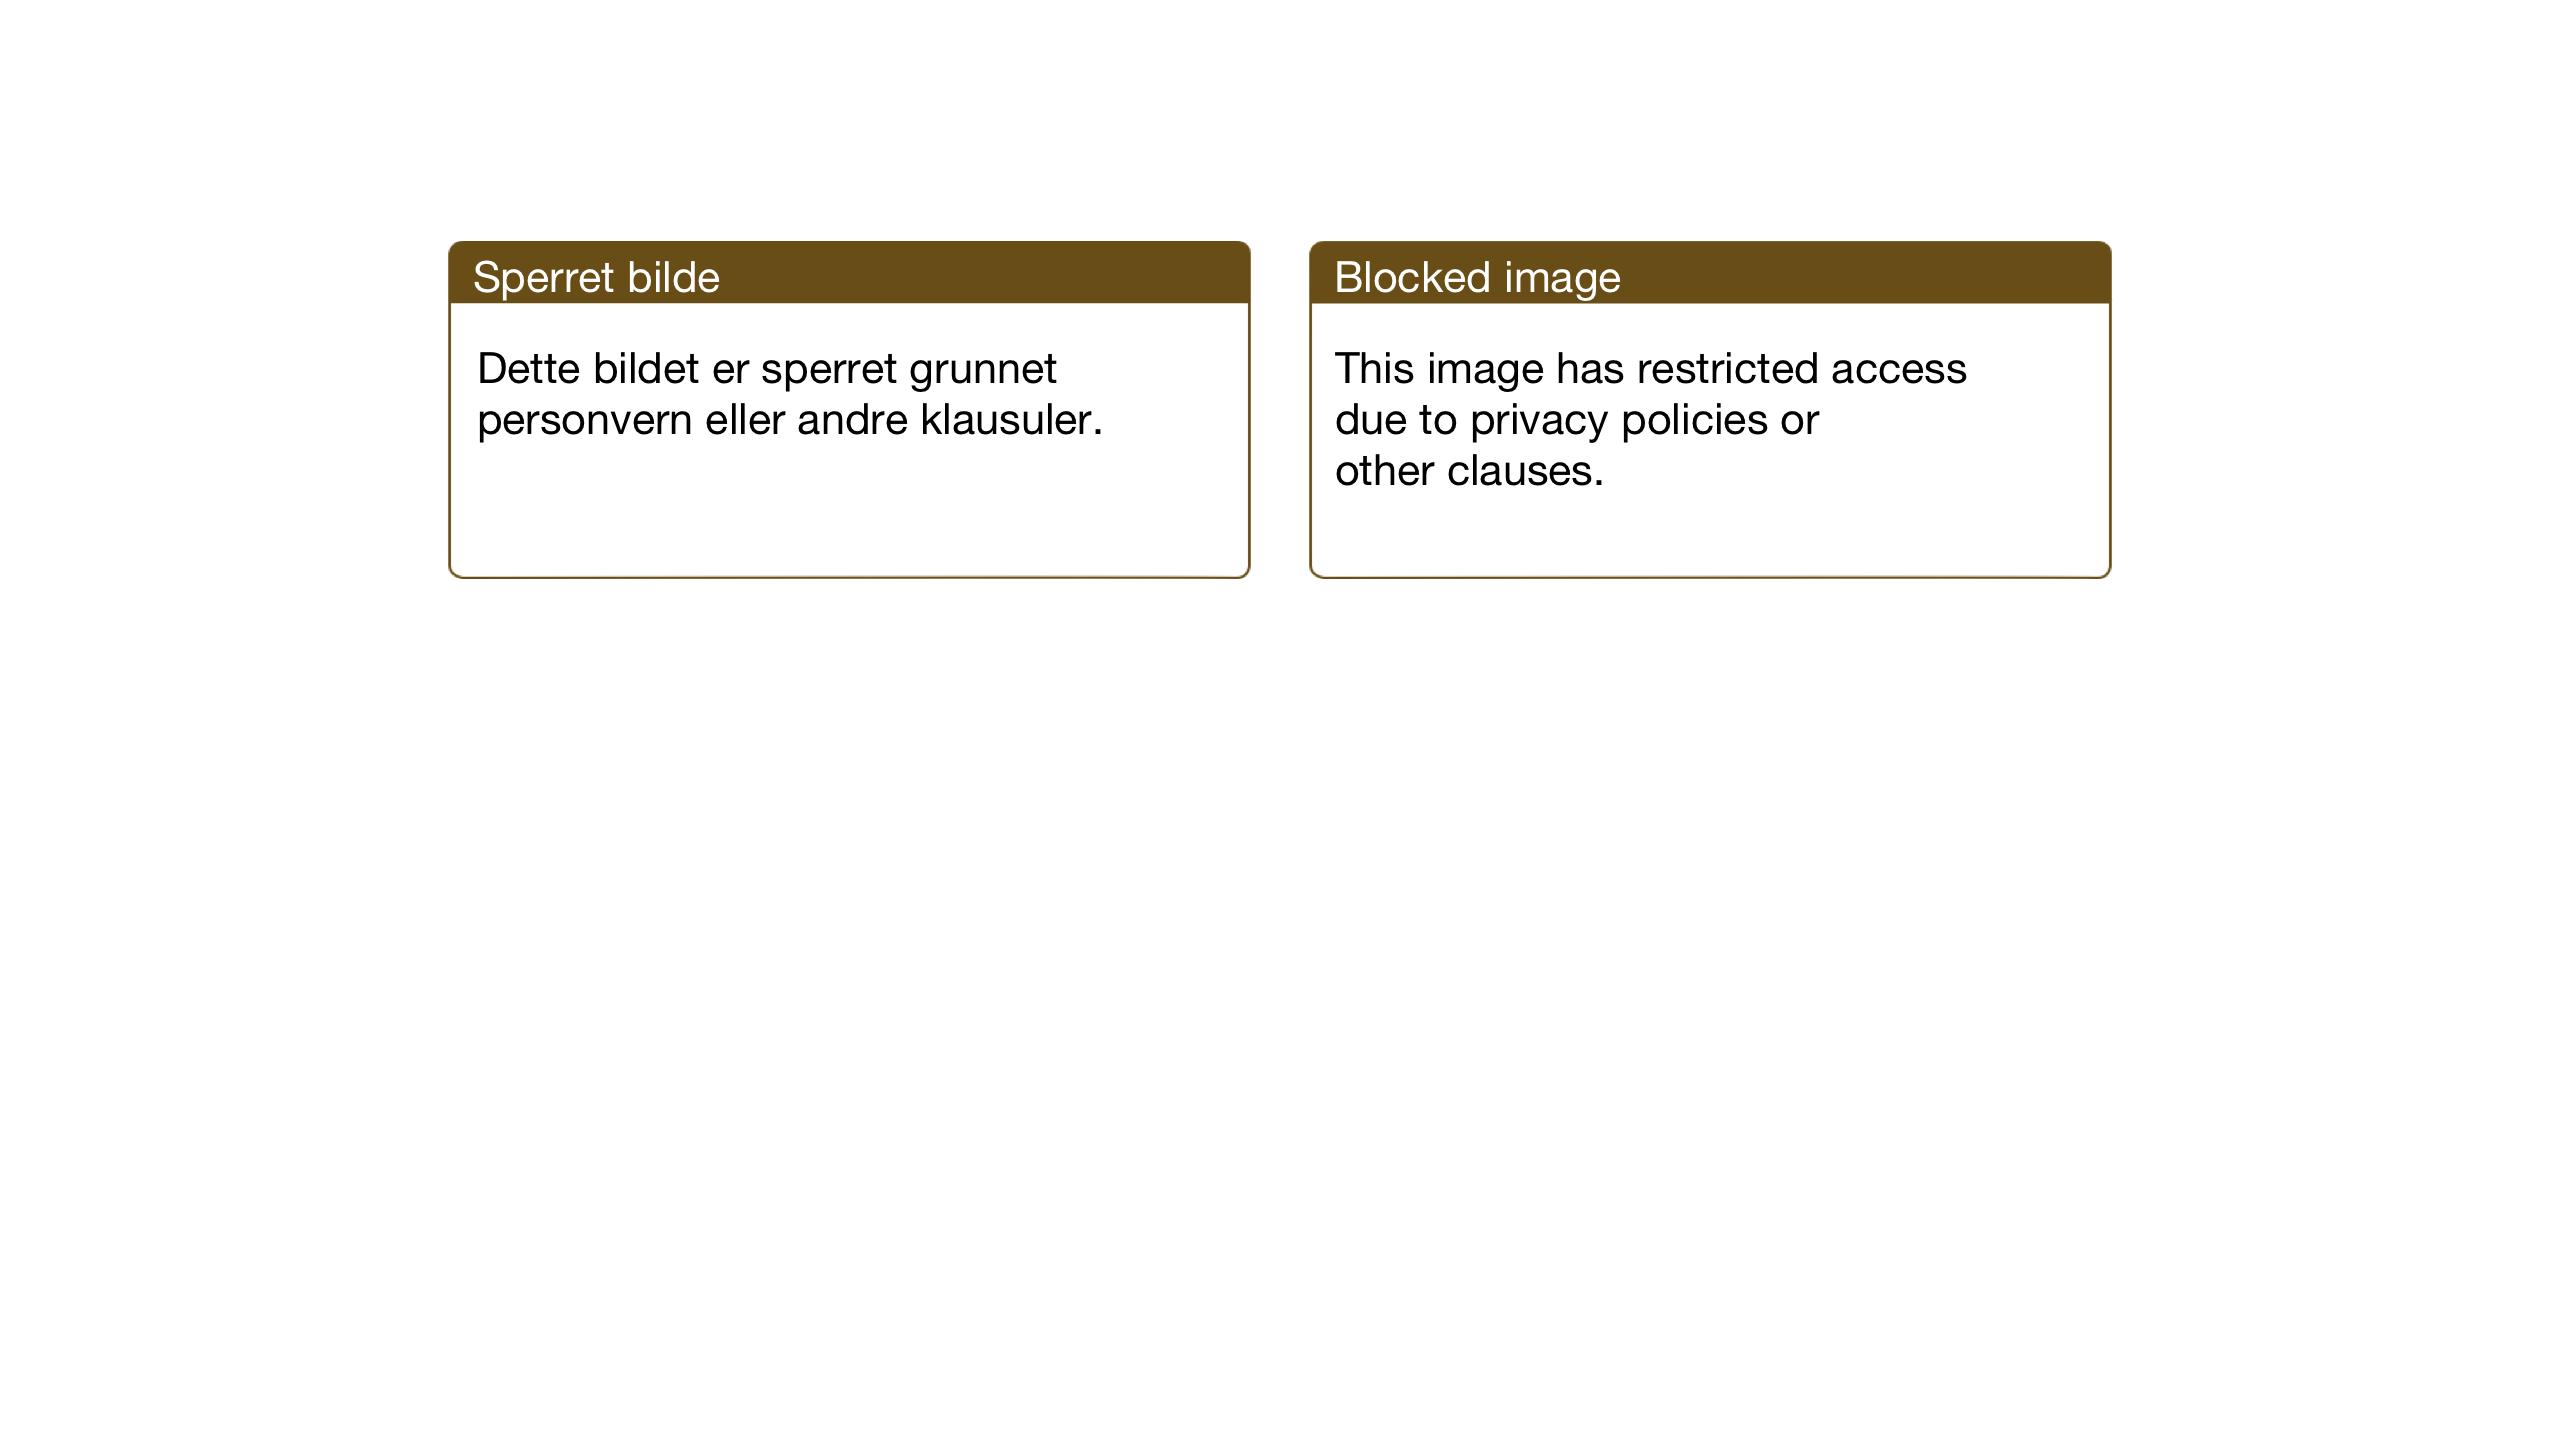 SAT, Ministerialprotokoller, klokkerbøker og fødselsregistre - Sør-Trøndelag, 672/L0866: Klokkerbok nr. 672C05, 1929-1939, s. 30